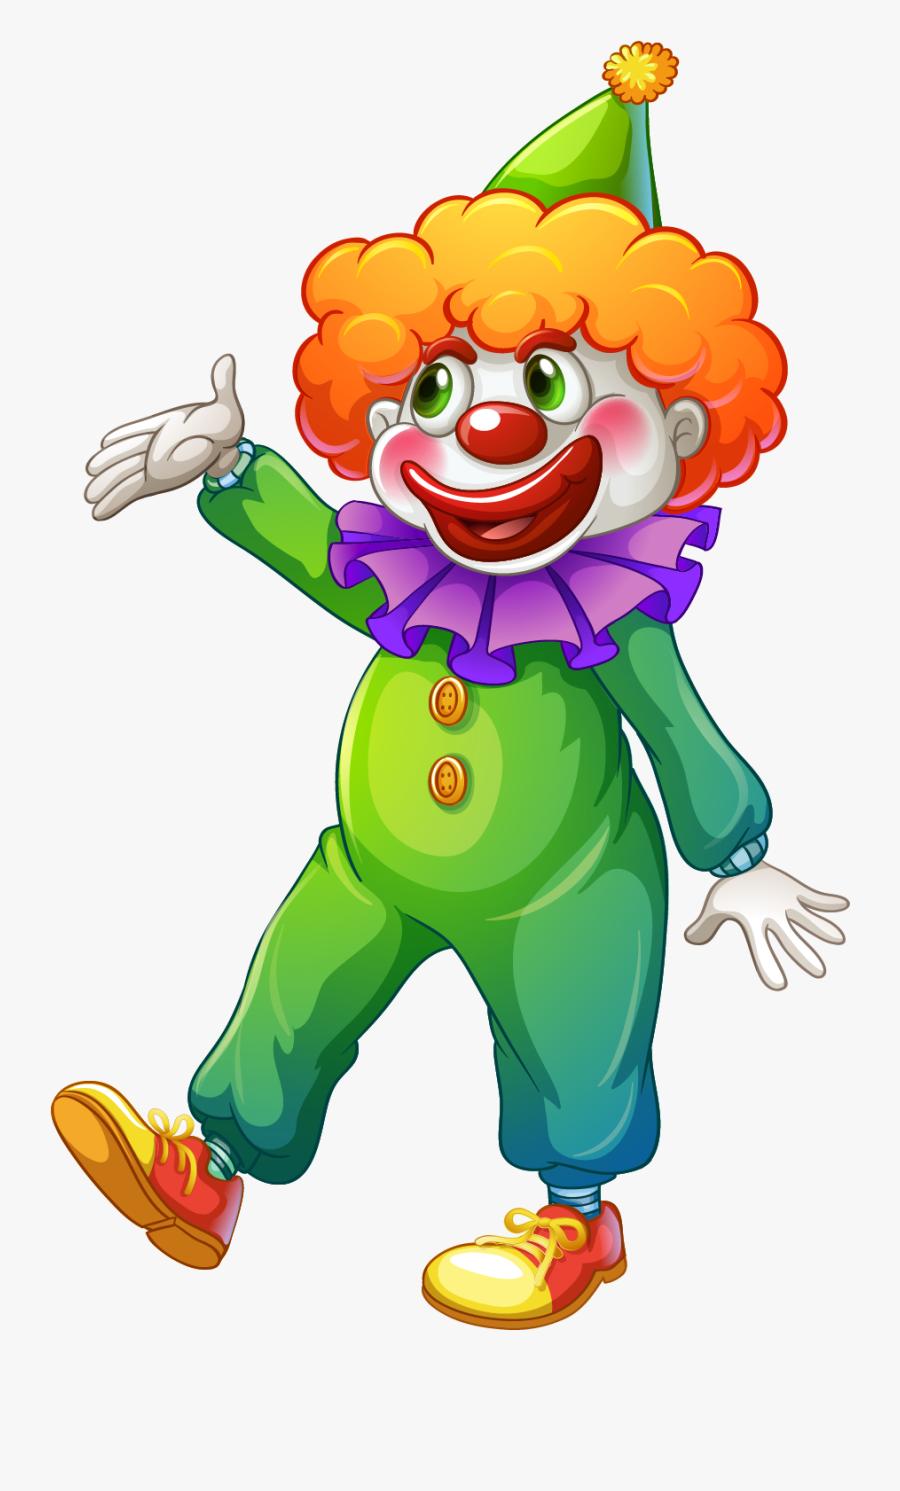 Clown Png Free Download - Tarjetas De Invitacion De Payasos, Transparent Clipart